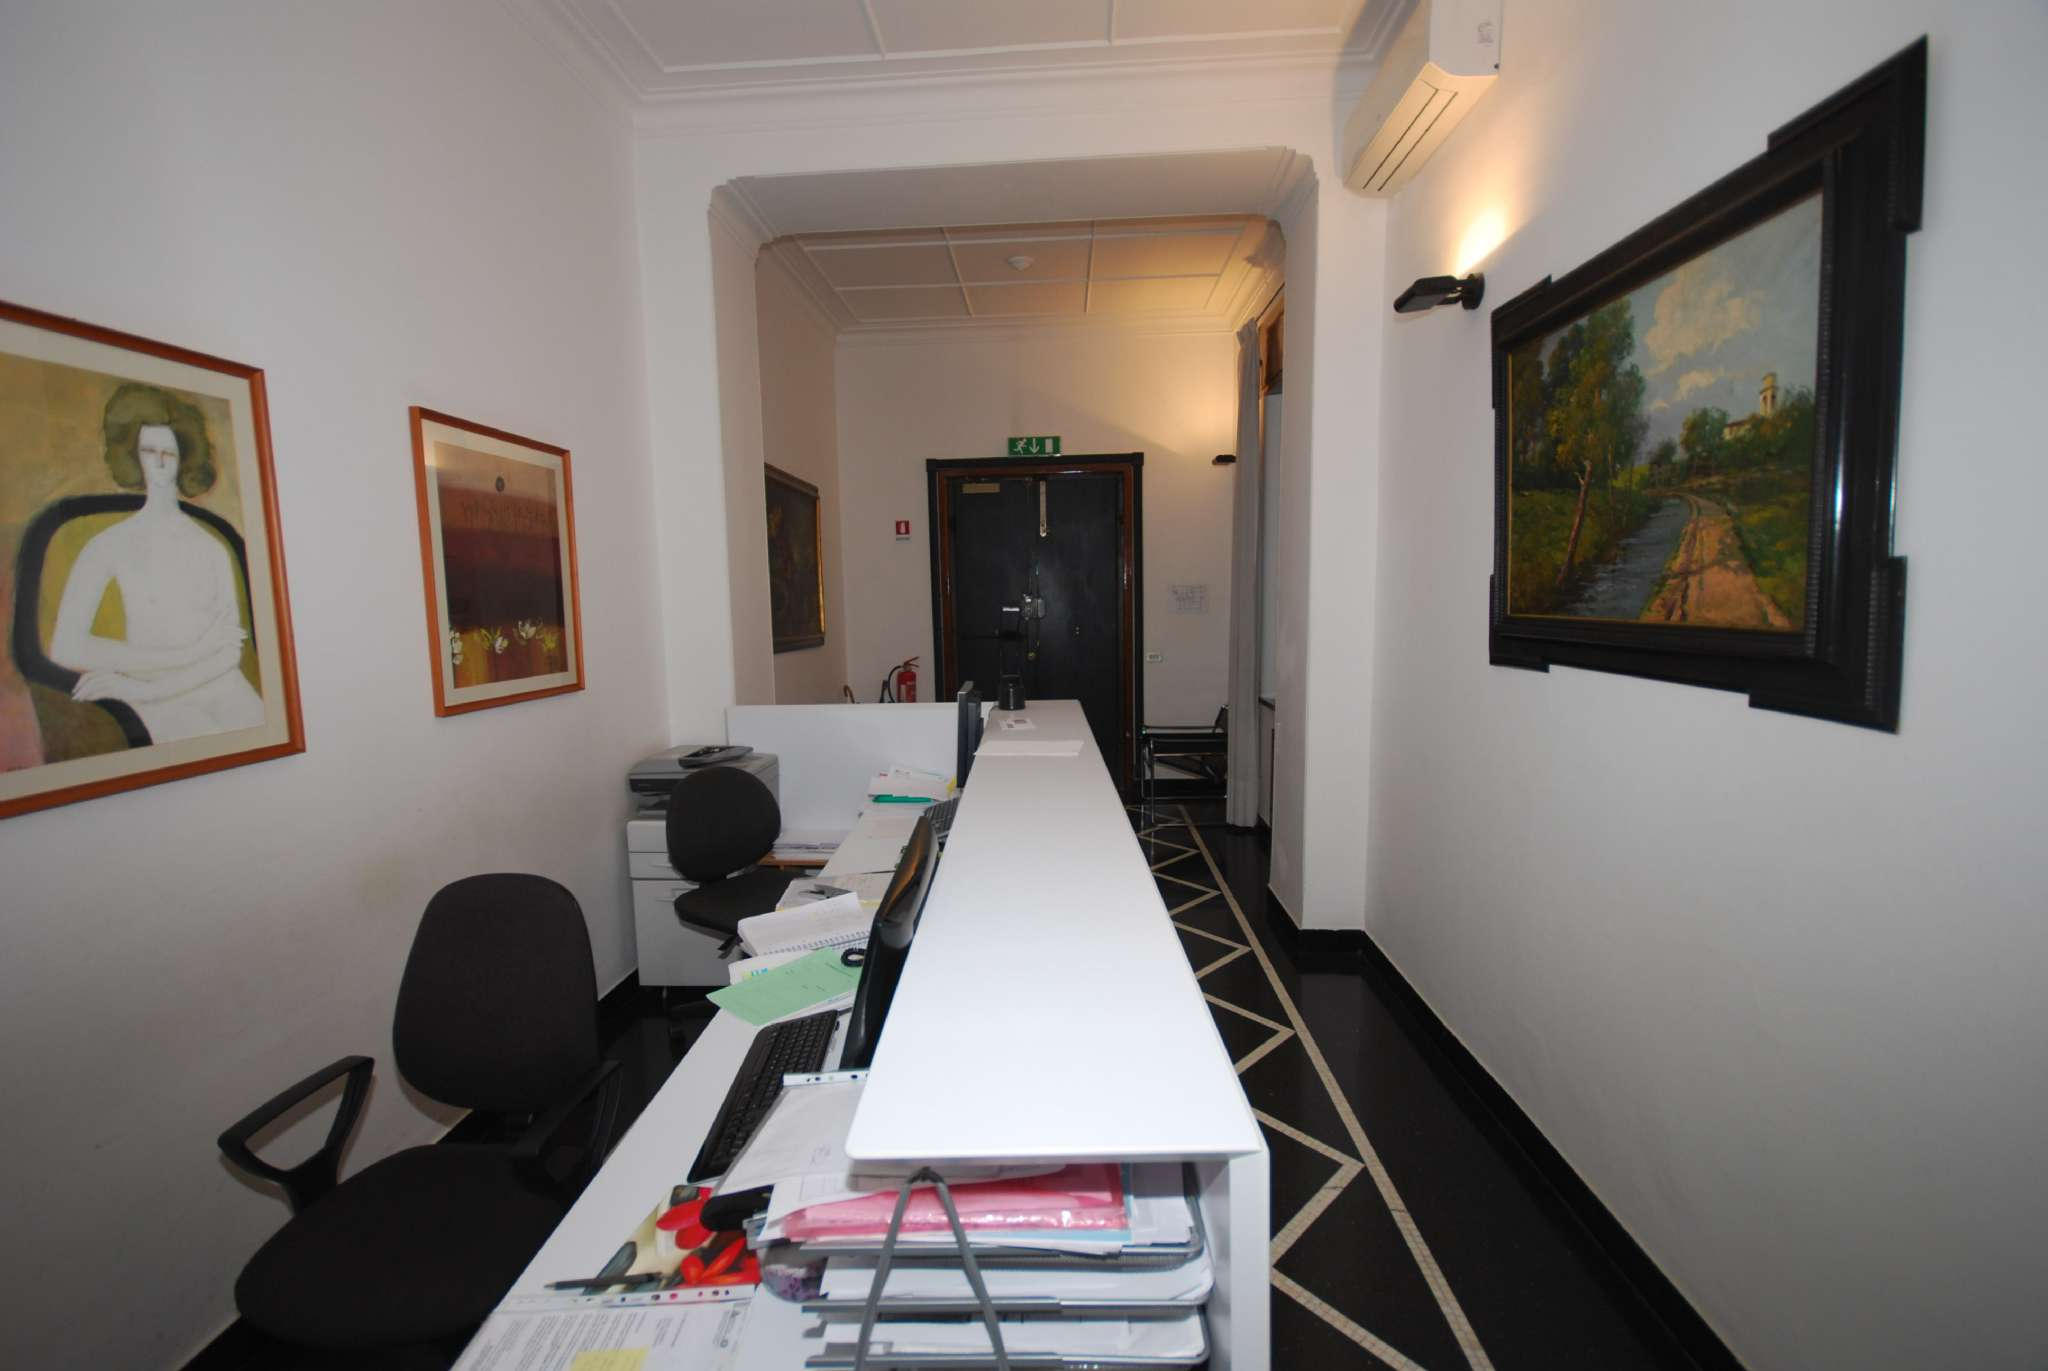 Ufficio in vendita a Genova (GE)